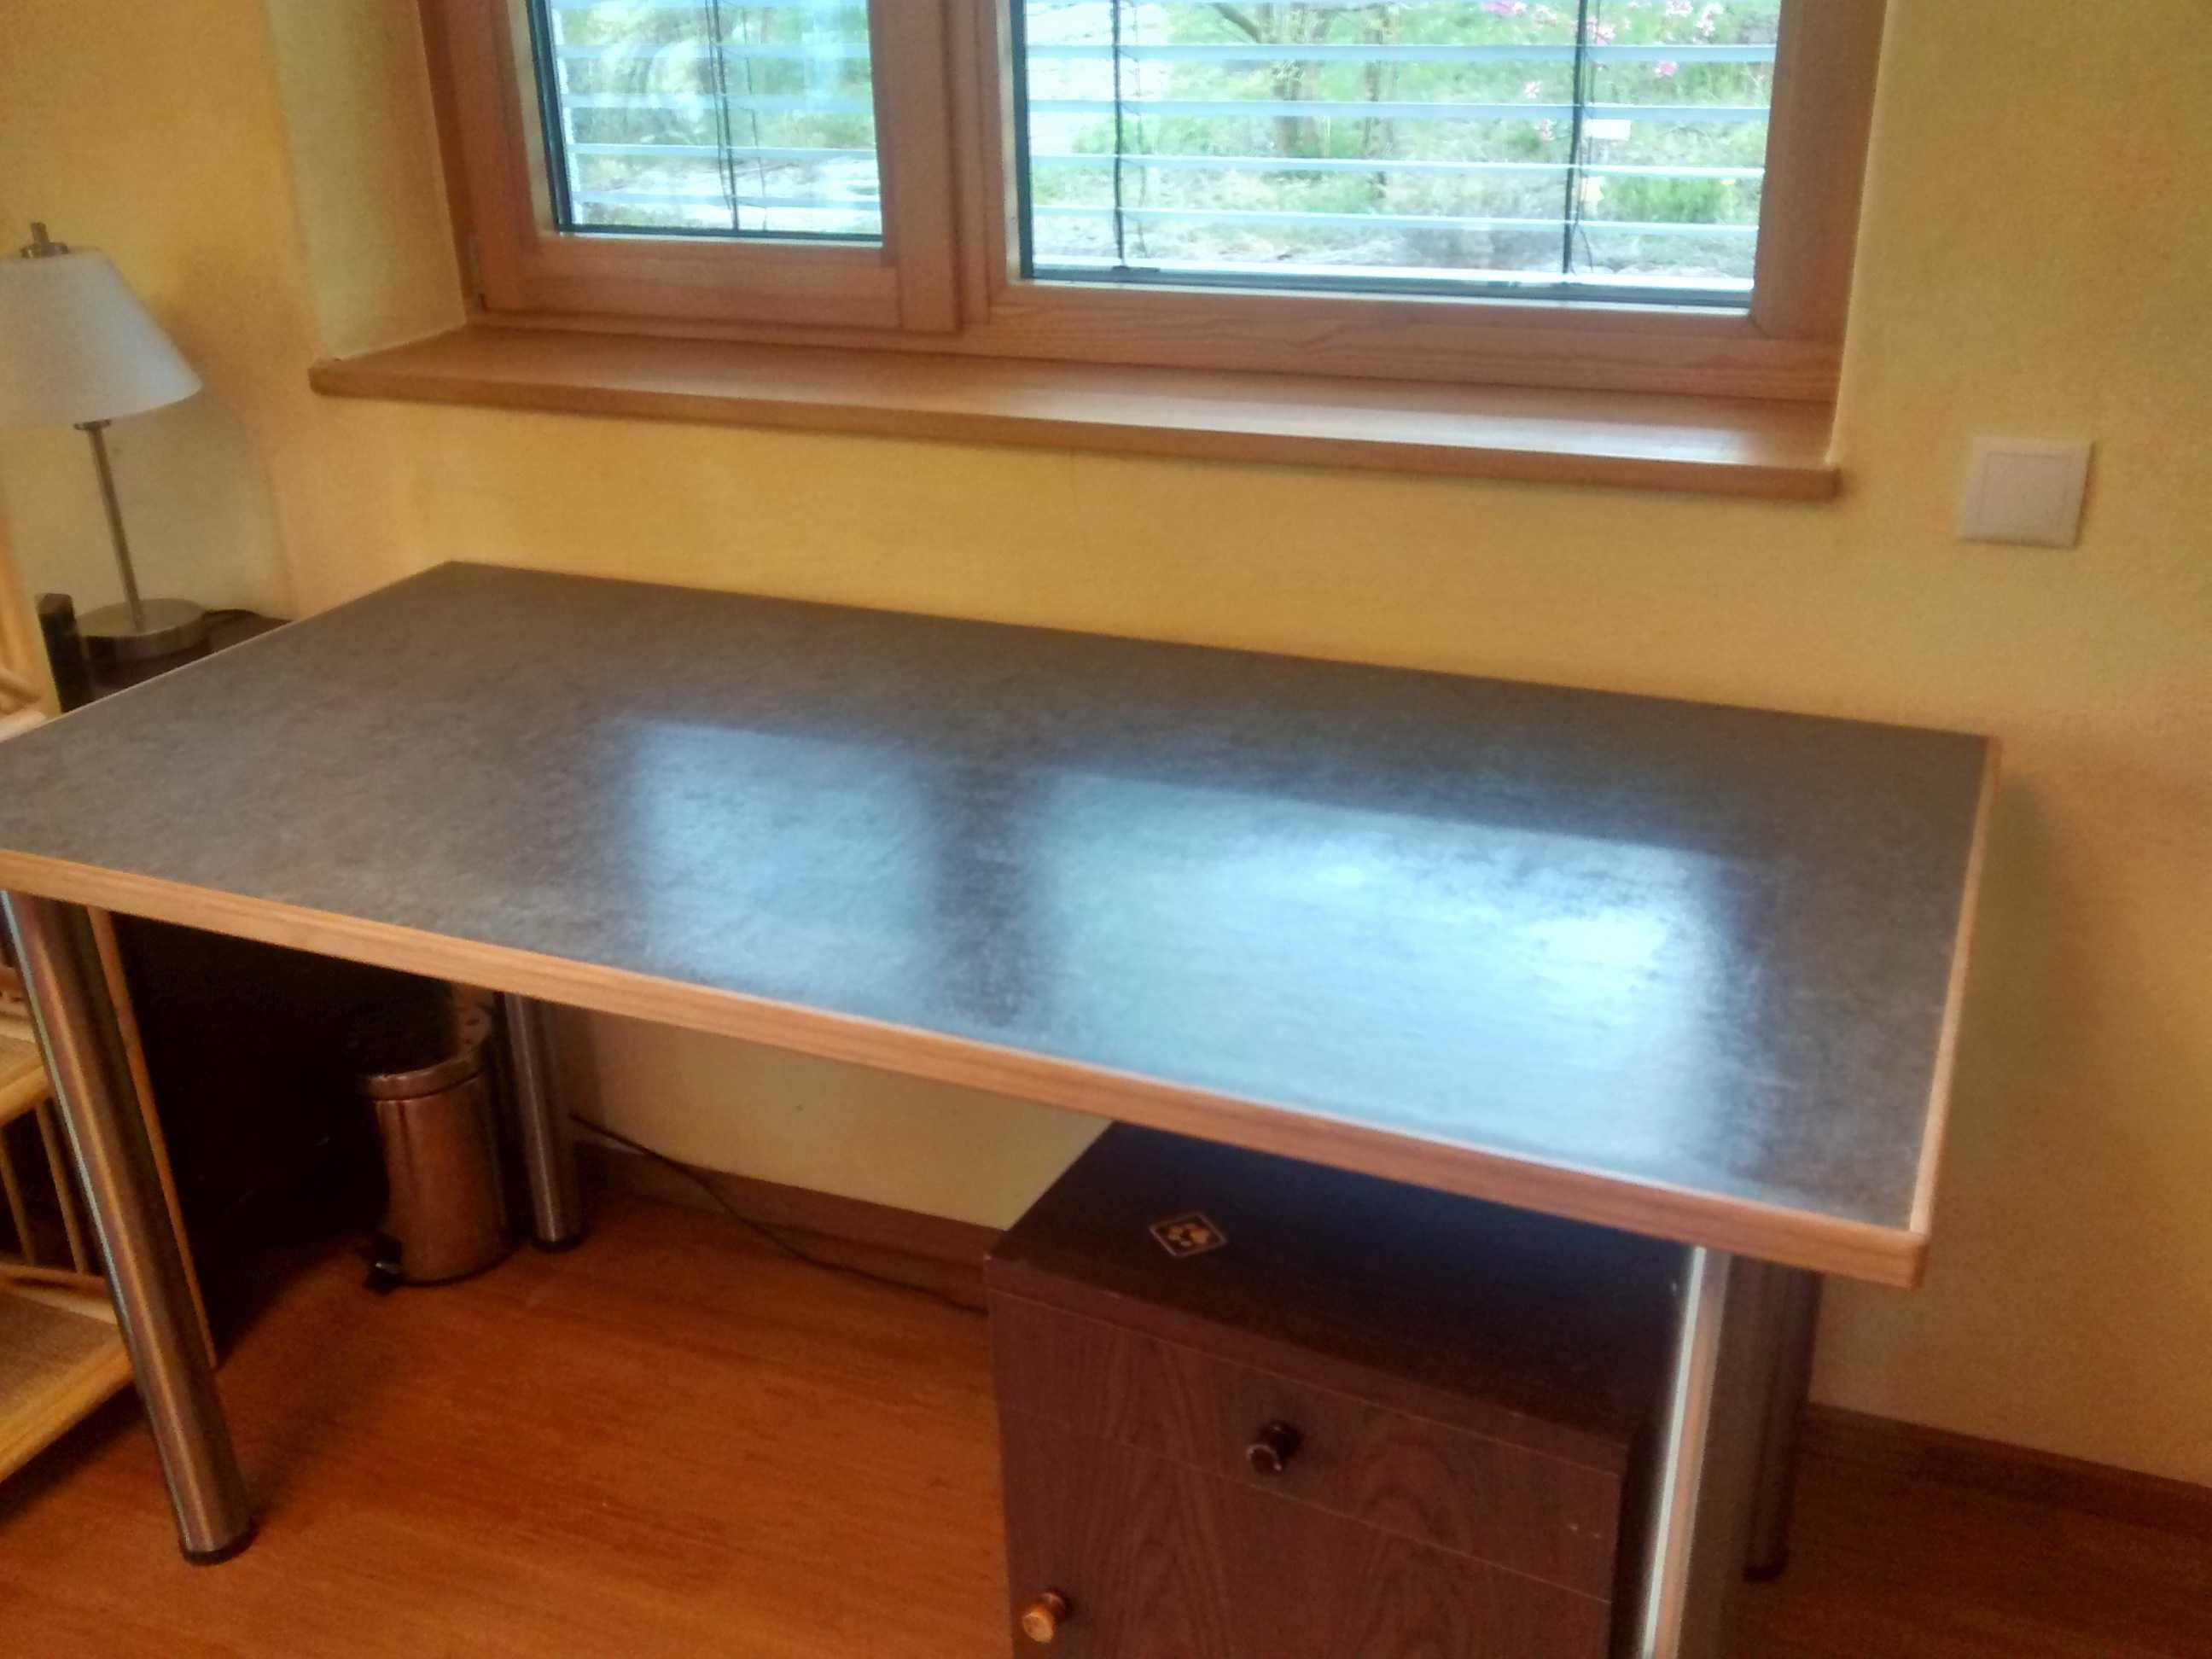 Schreibtischplatte  Schreibtisch selberbauen: welche Oberfläche? - Mikrocontroller.net